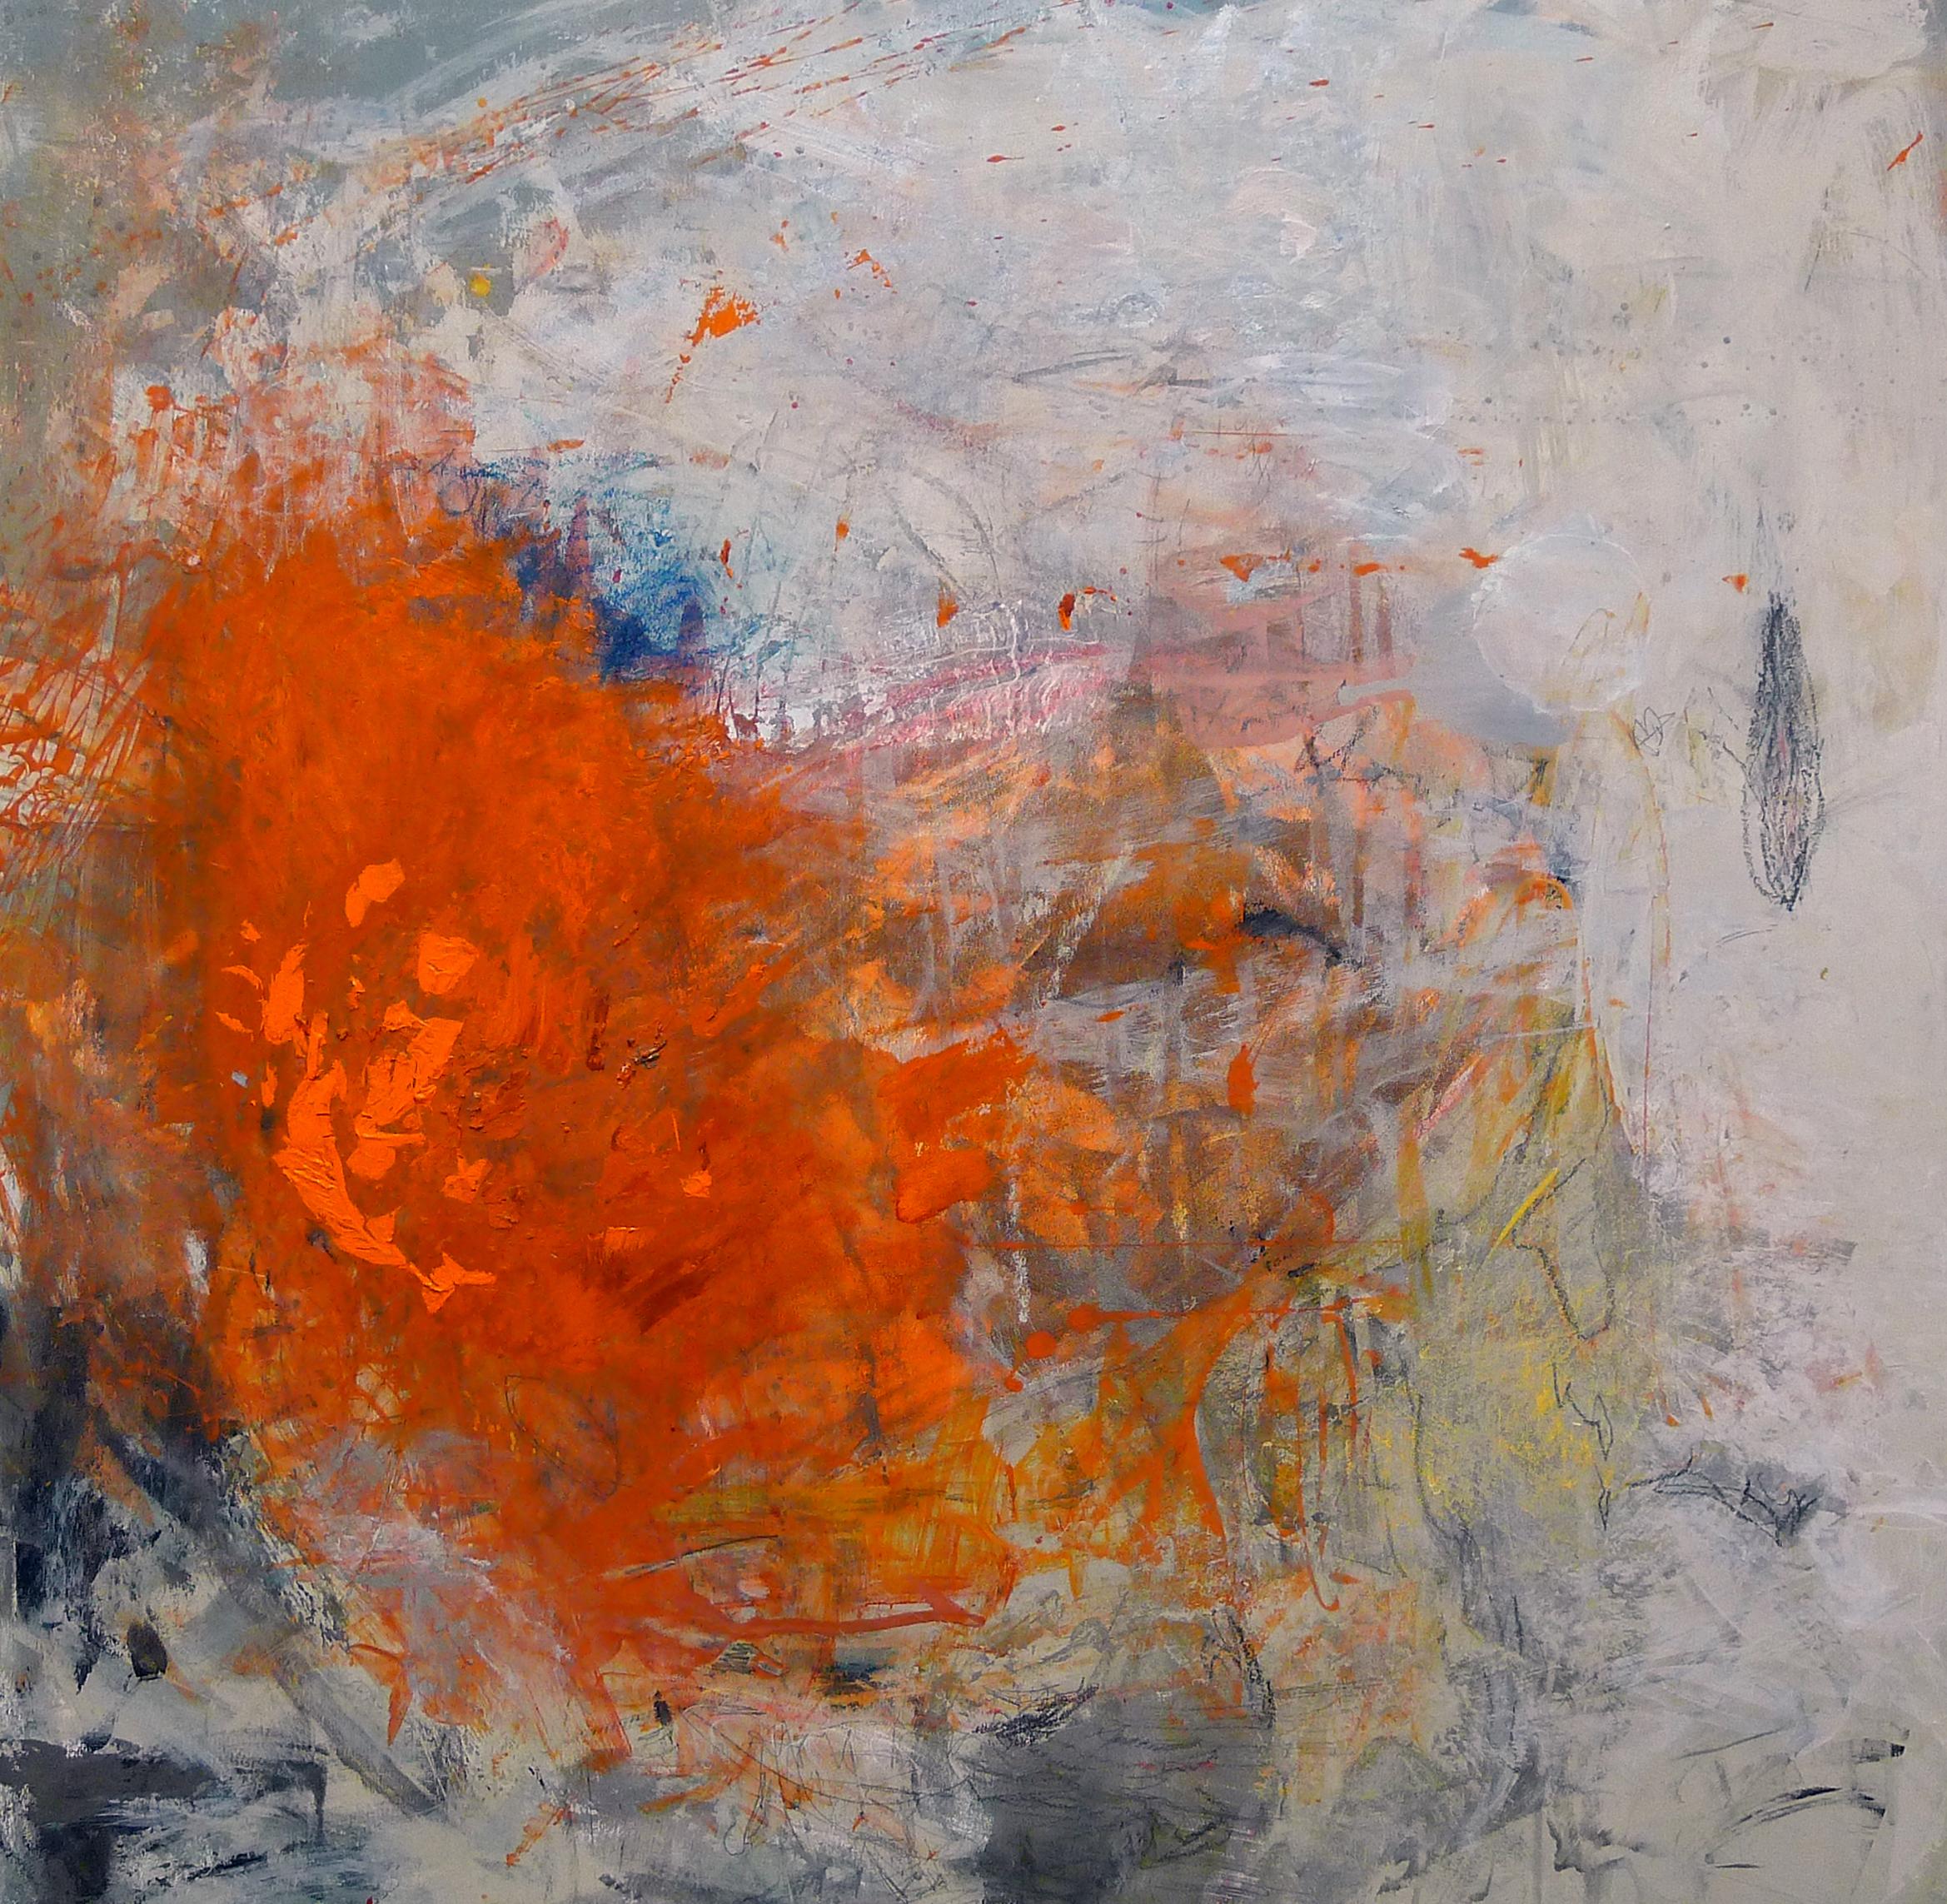 Cirioni,  Mazama 1 , Acrylic on panel, 24x24